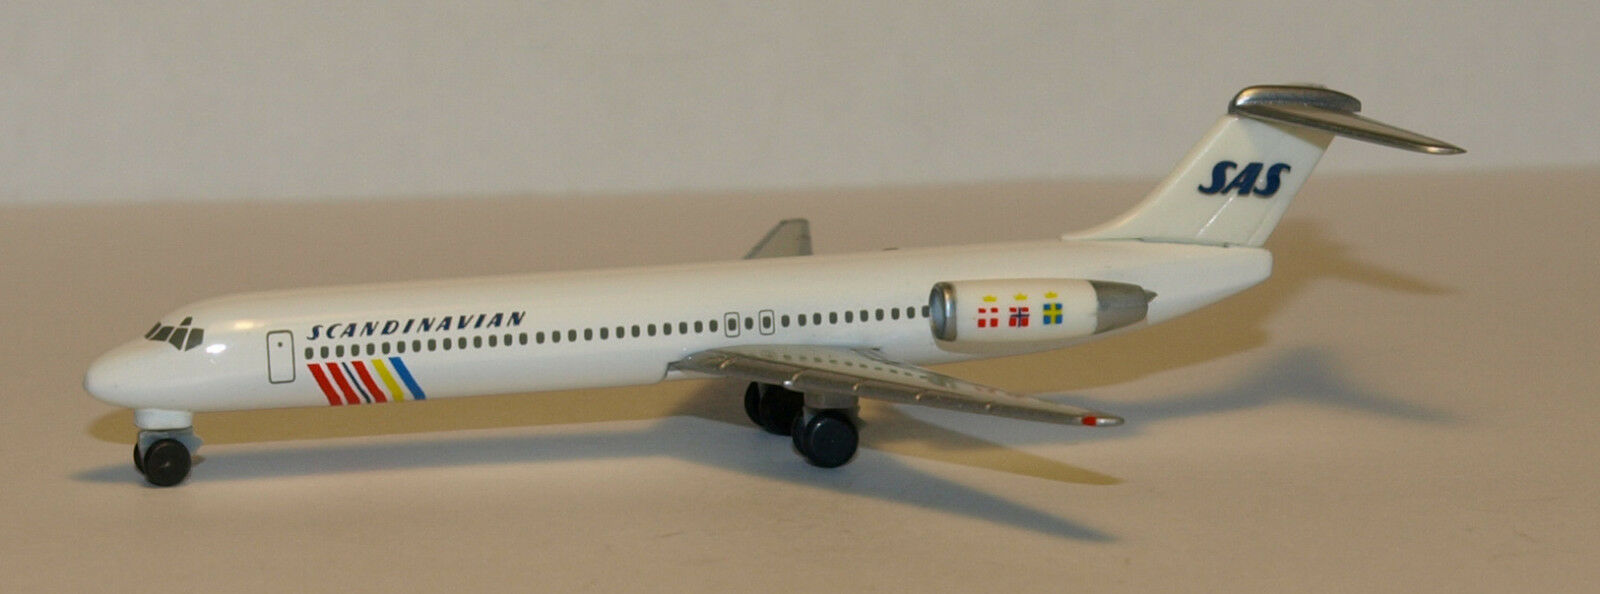 Herpa Wings Wings Wings 1 500 SAS Scandinavian McDonnell Douglas MD-87 id 506007 rlsd 1996 87d40b